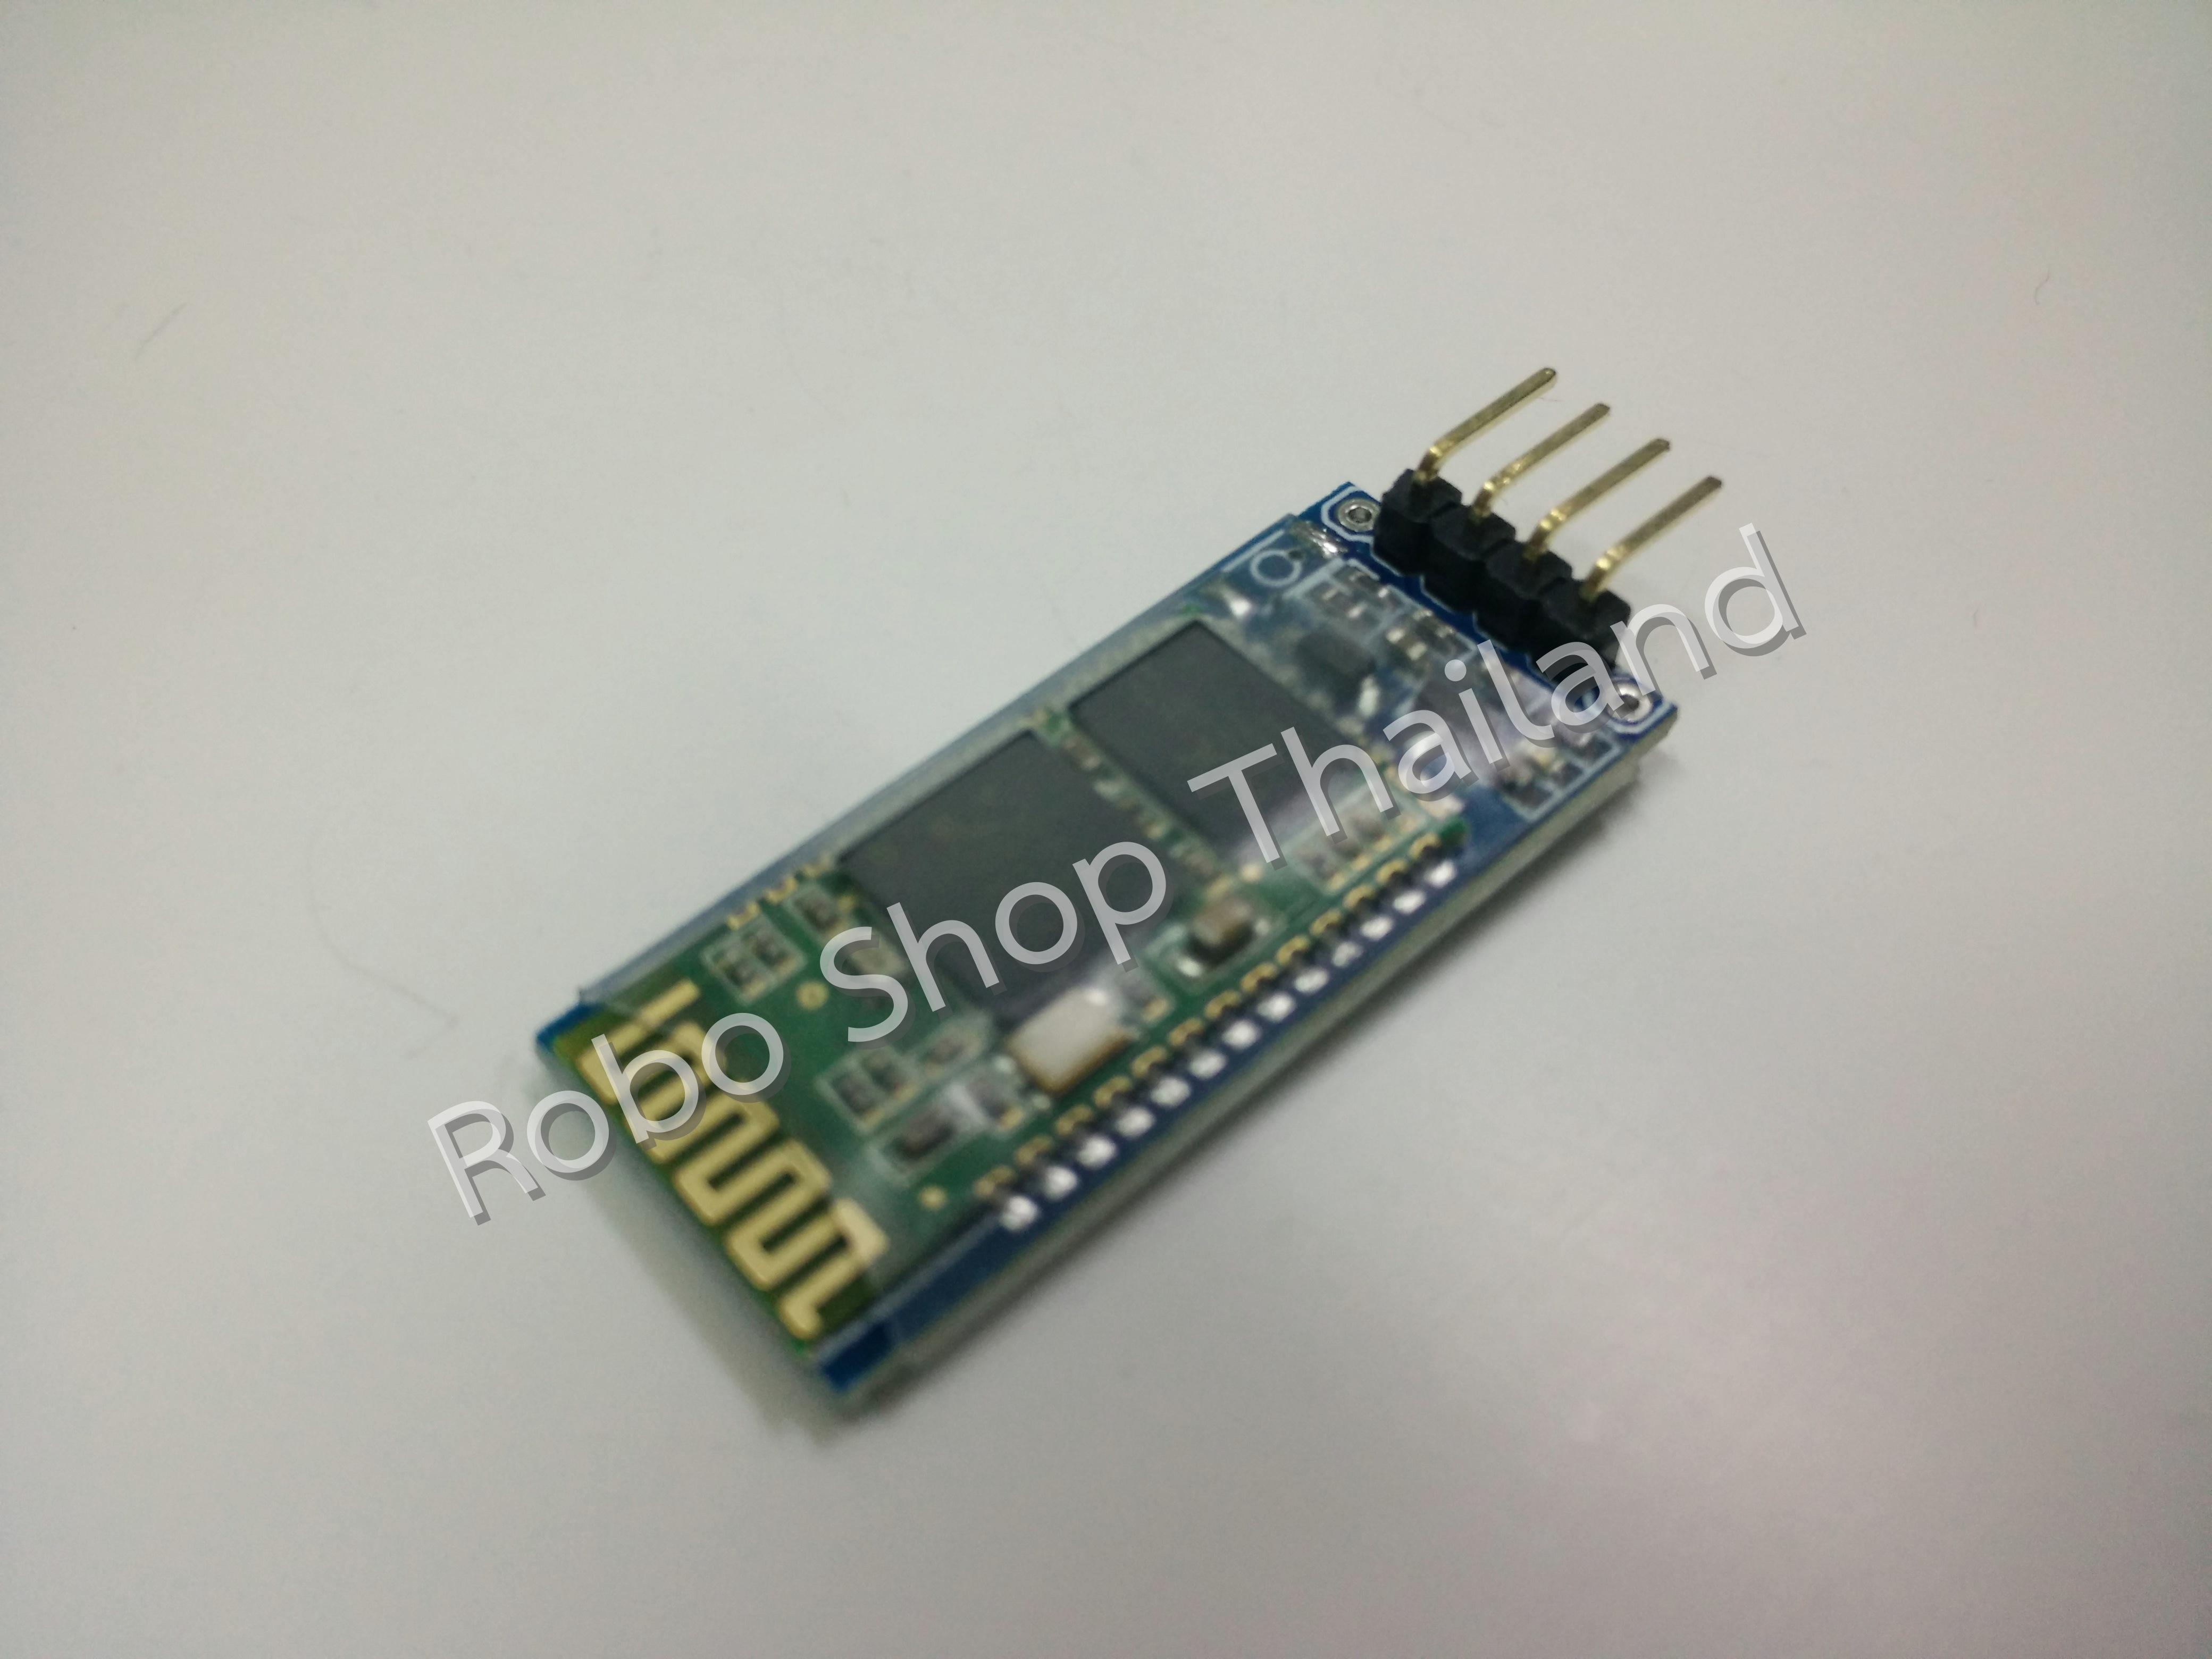 Bluetooth HC-06